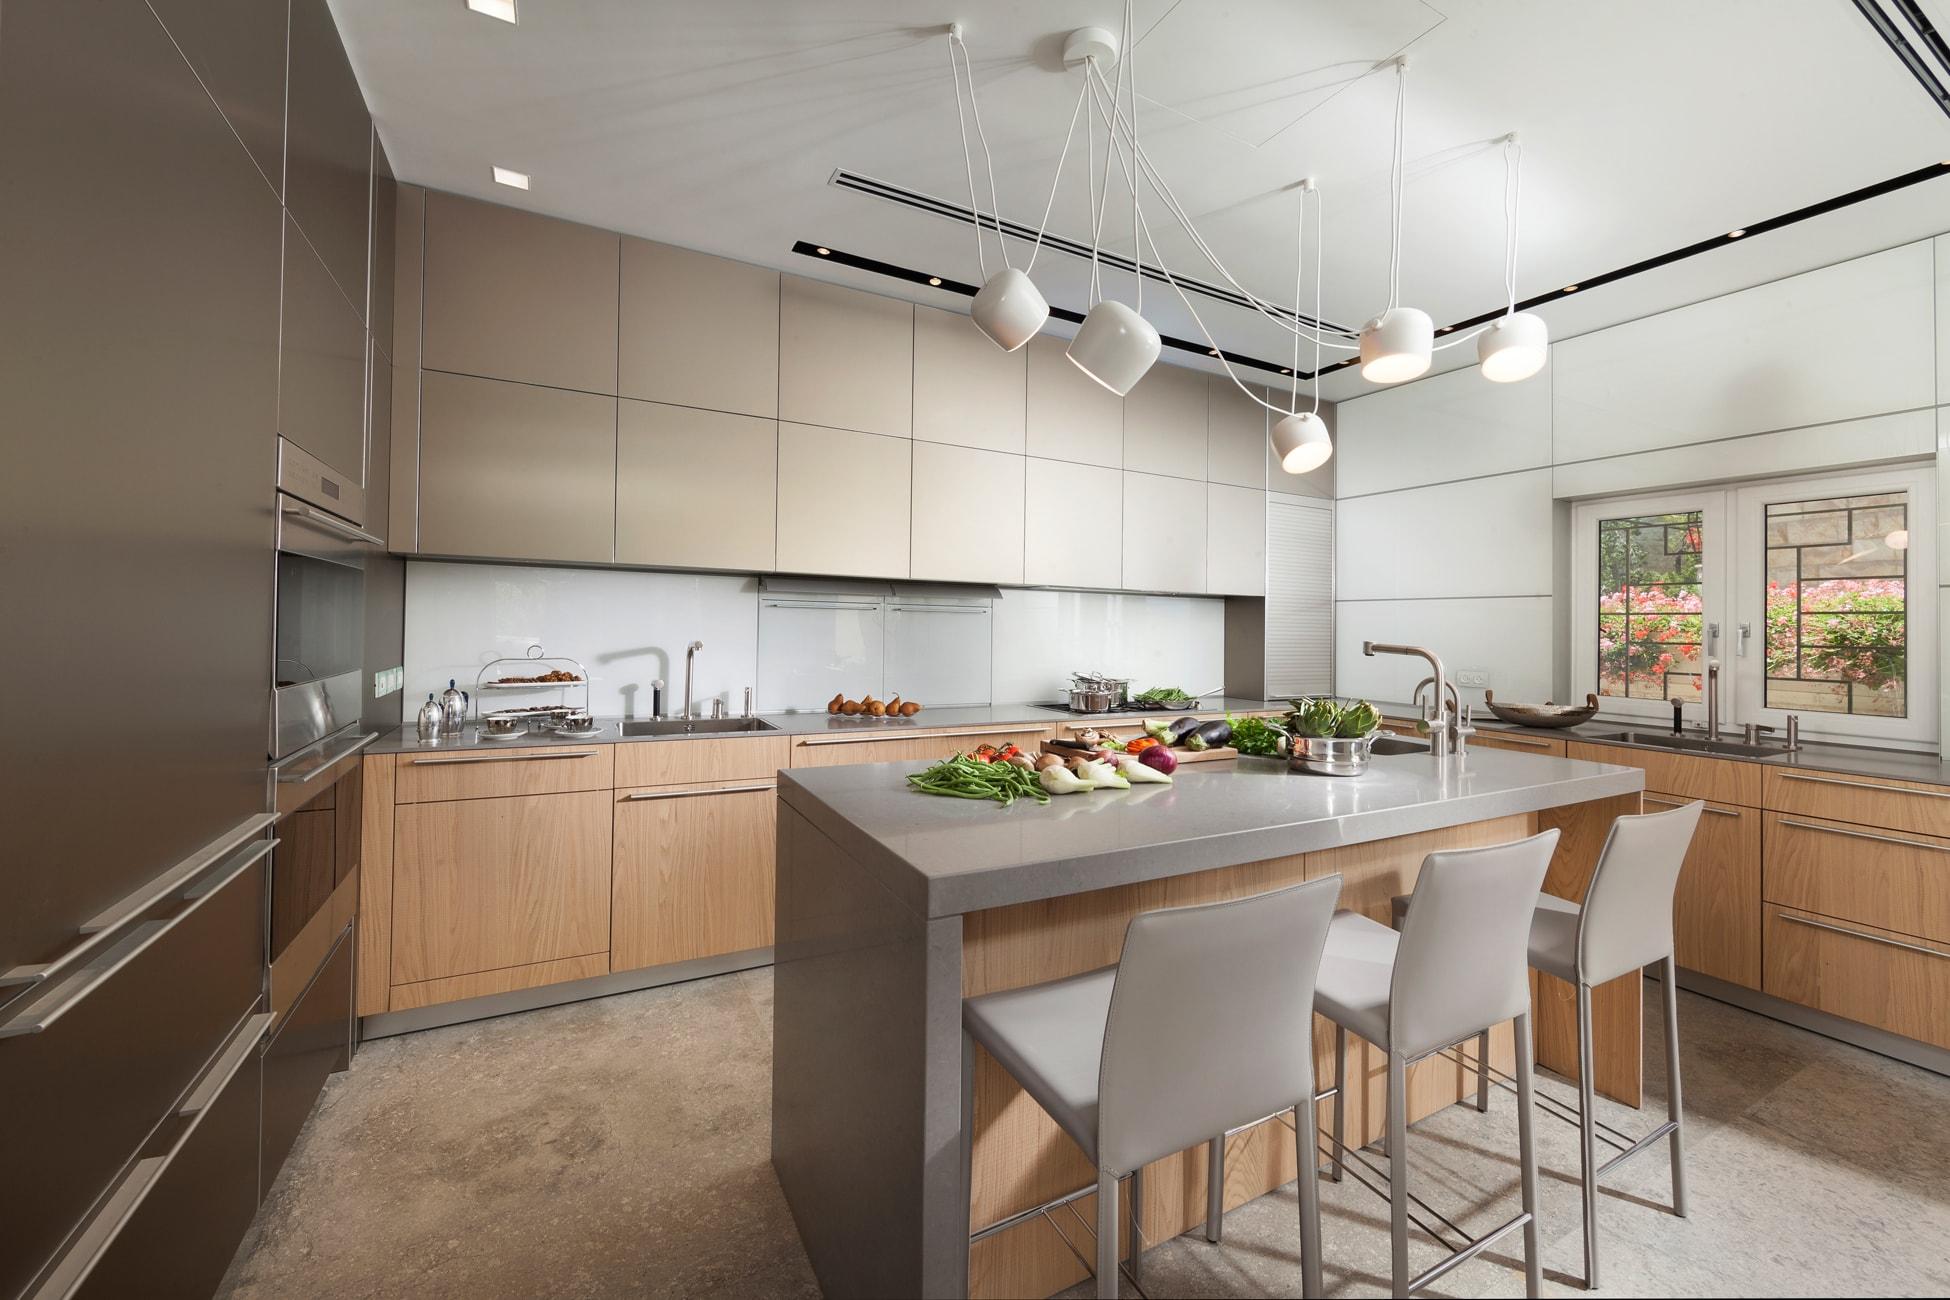 kitchen_after-min.jpg